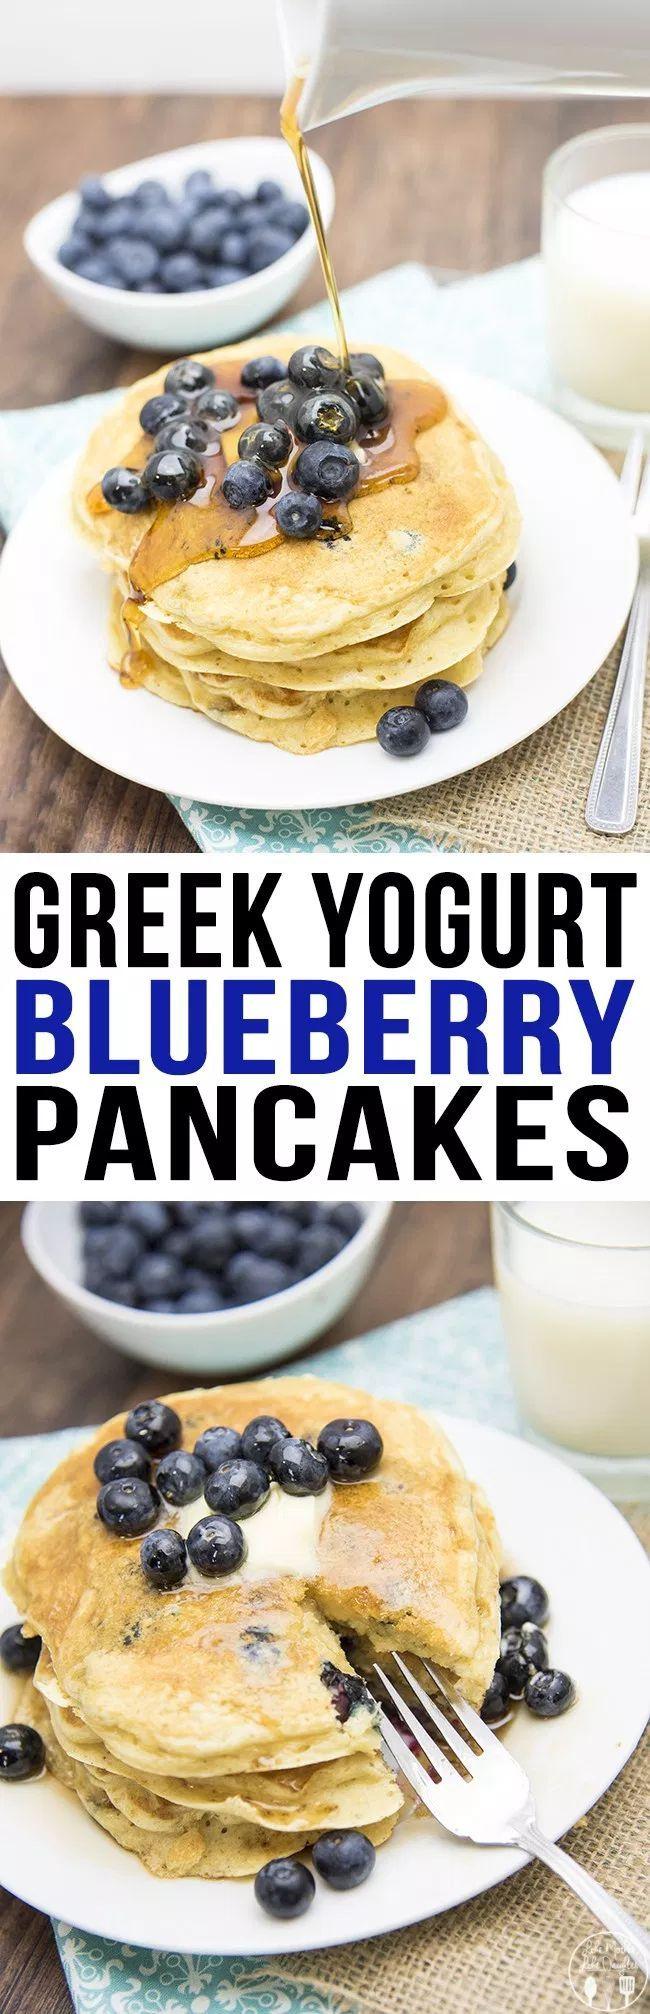 Griechische Joghurt-Heidelbeer-Pfannkuchen - Das sind die besten Pfannkuchen aller Zeiten! Vollgepackt ... -